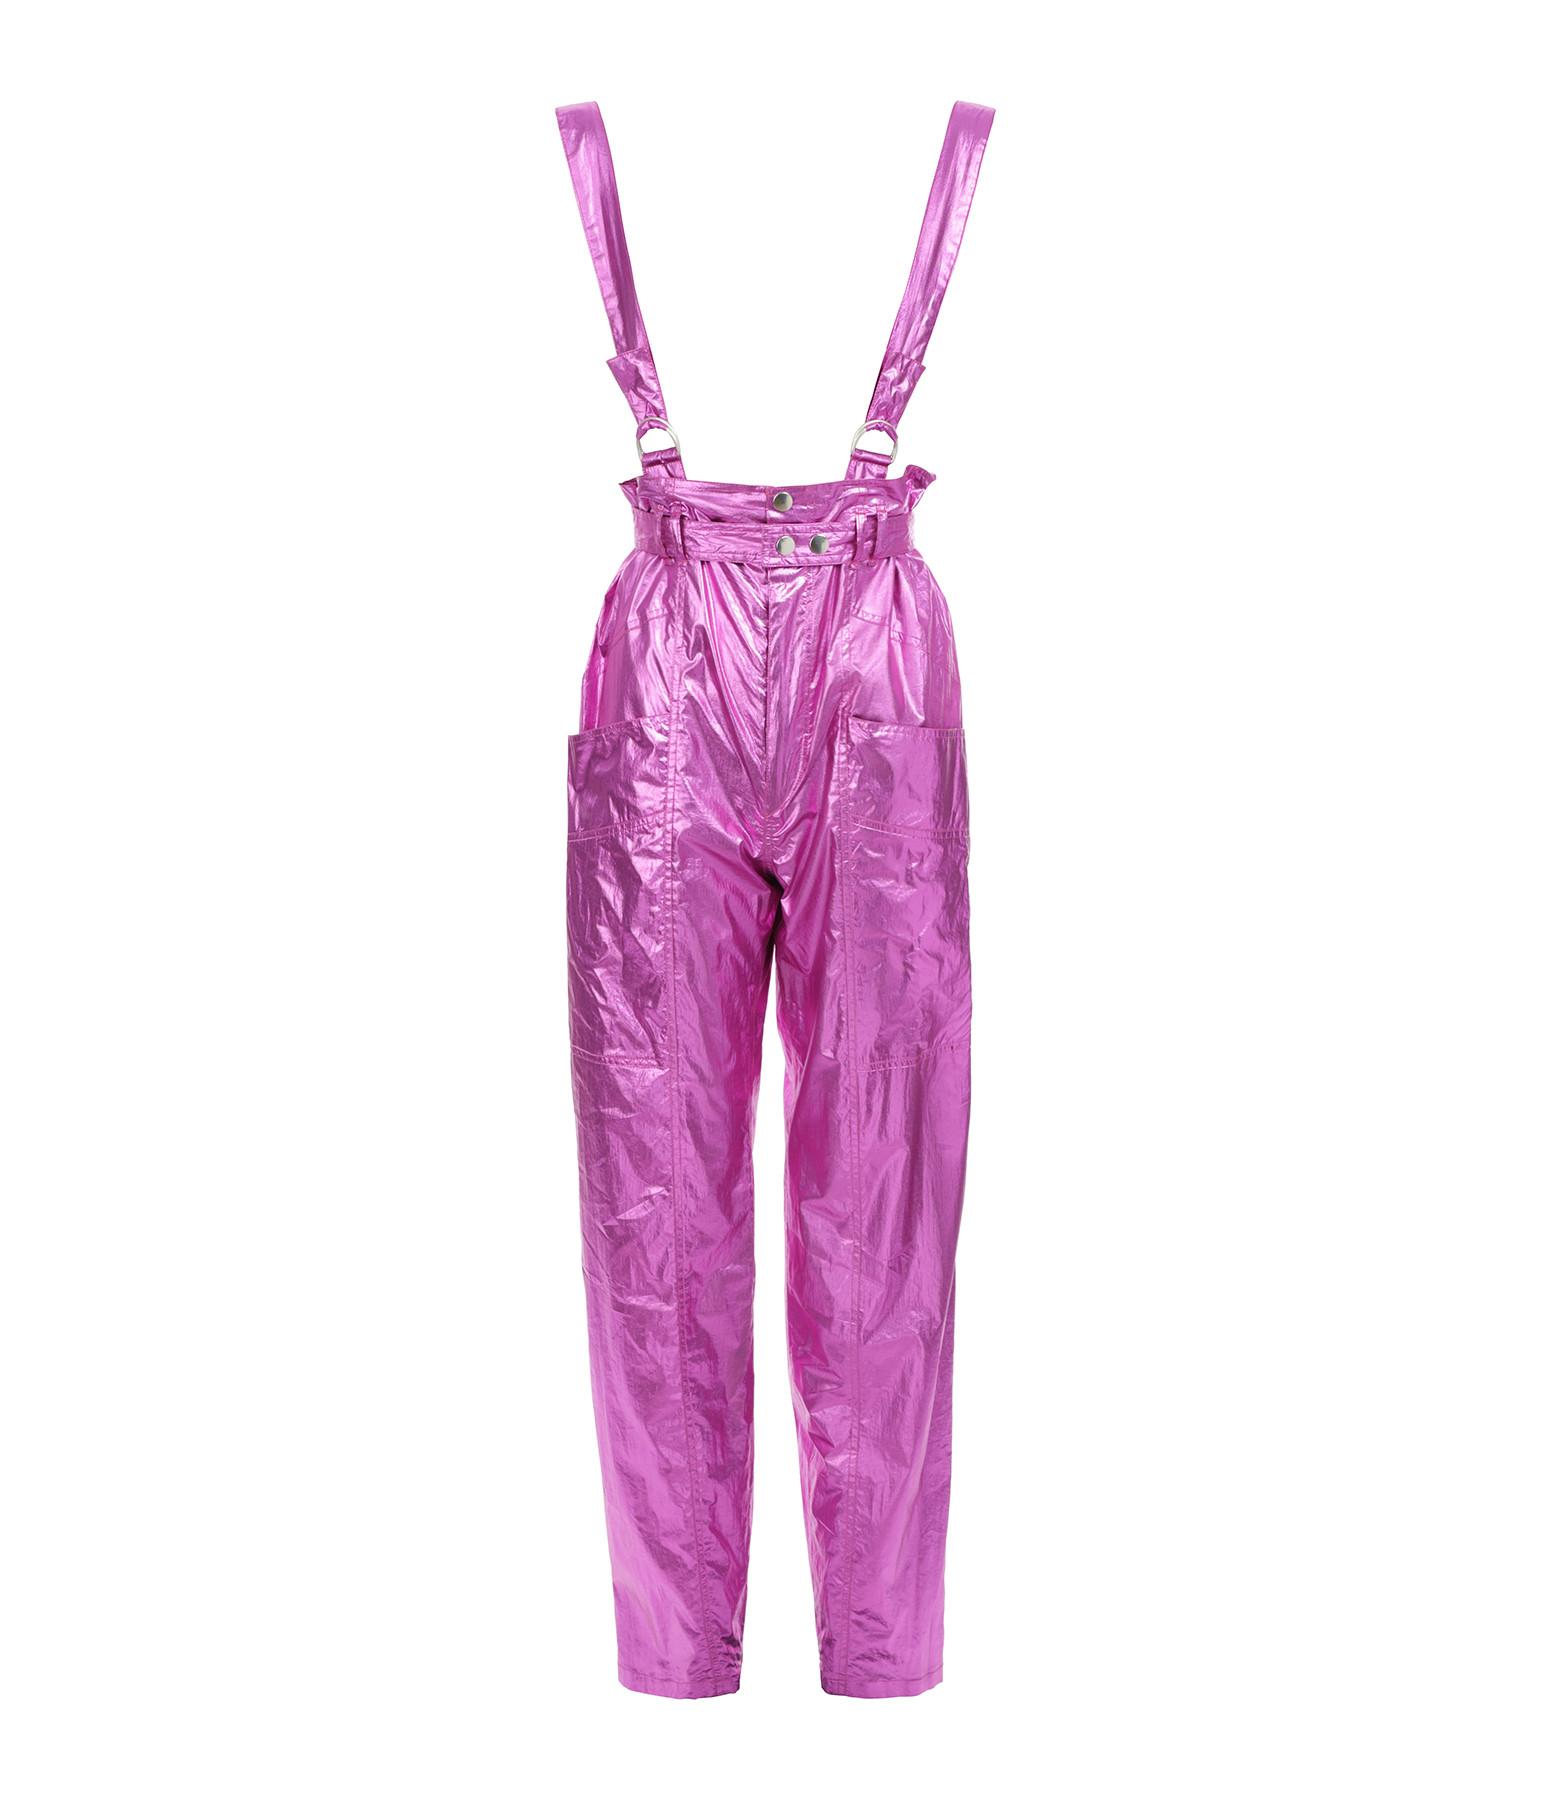 ISABEL MARANT - Pantalon Gilekla Coton Rose Métallisé